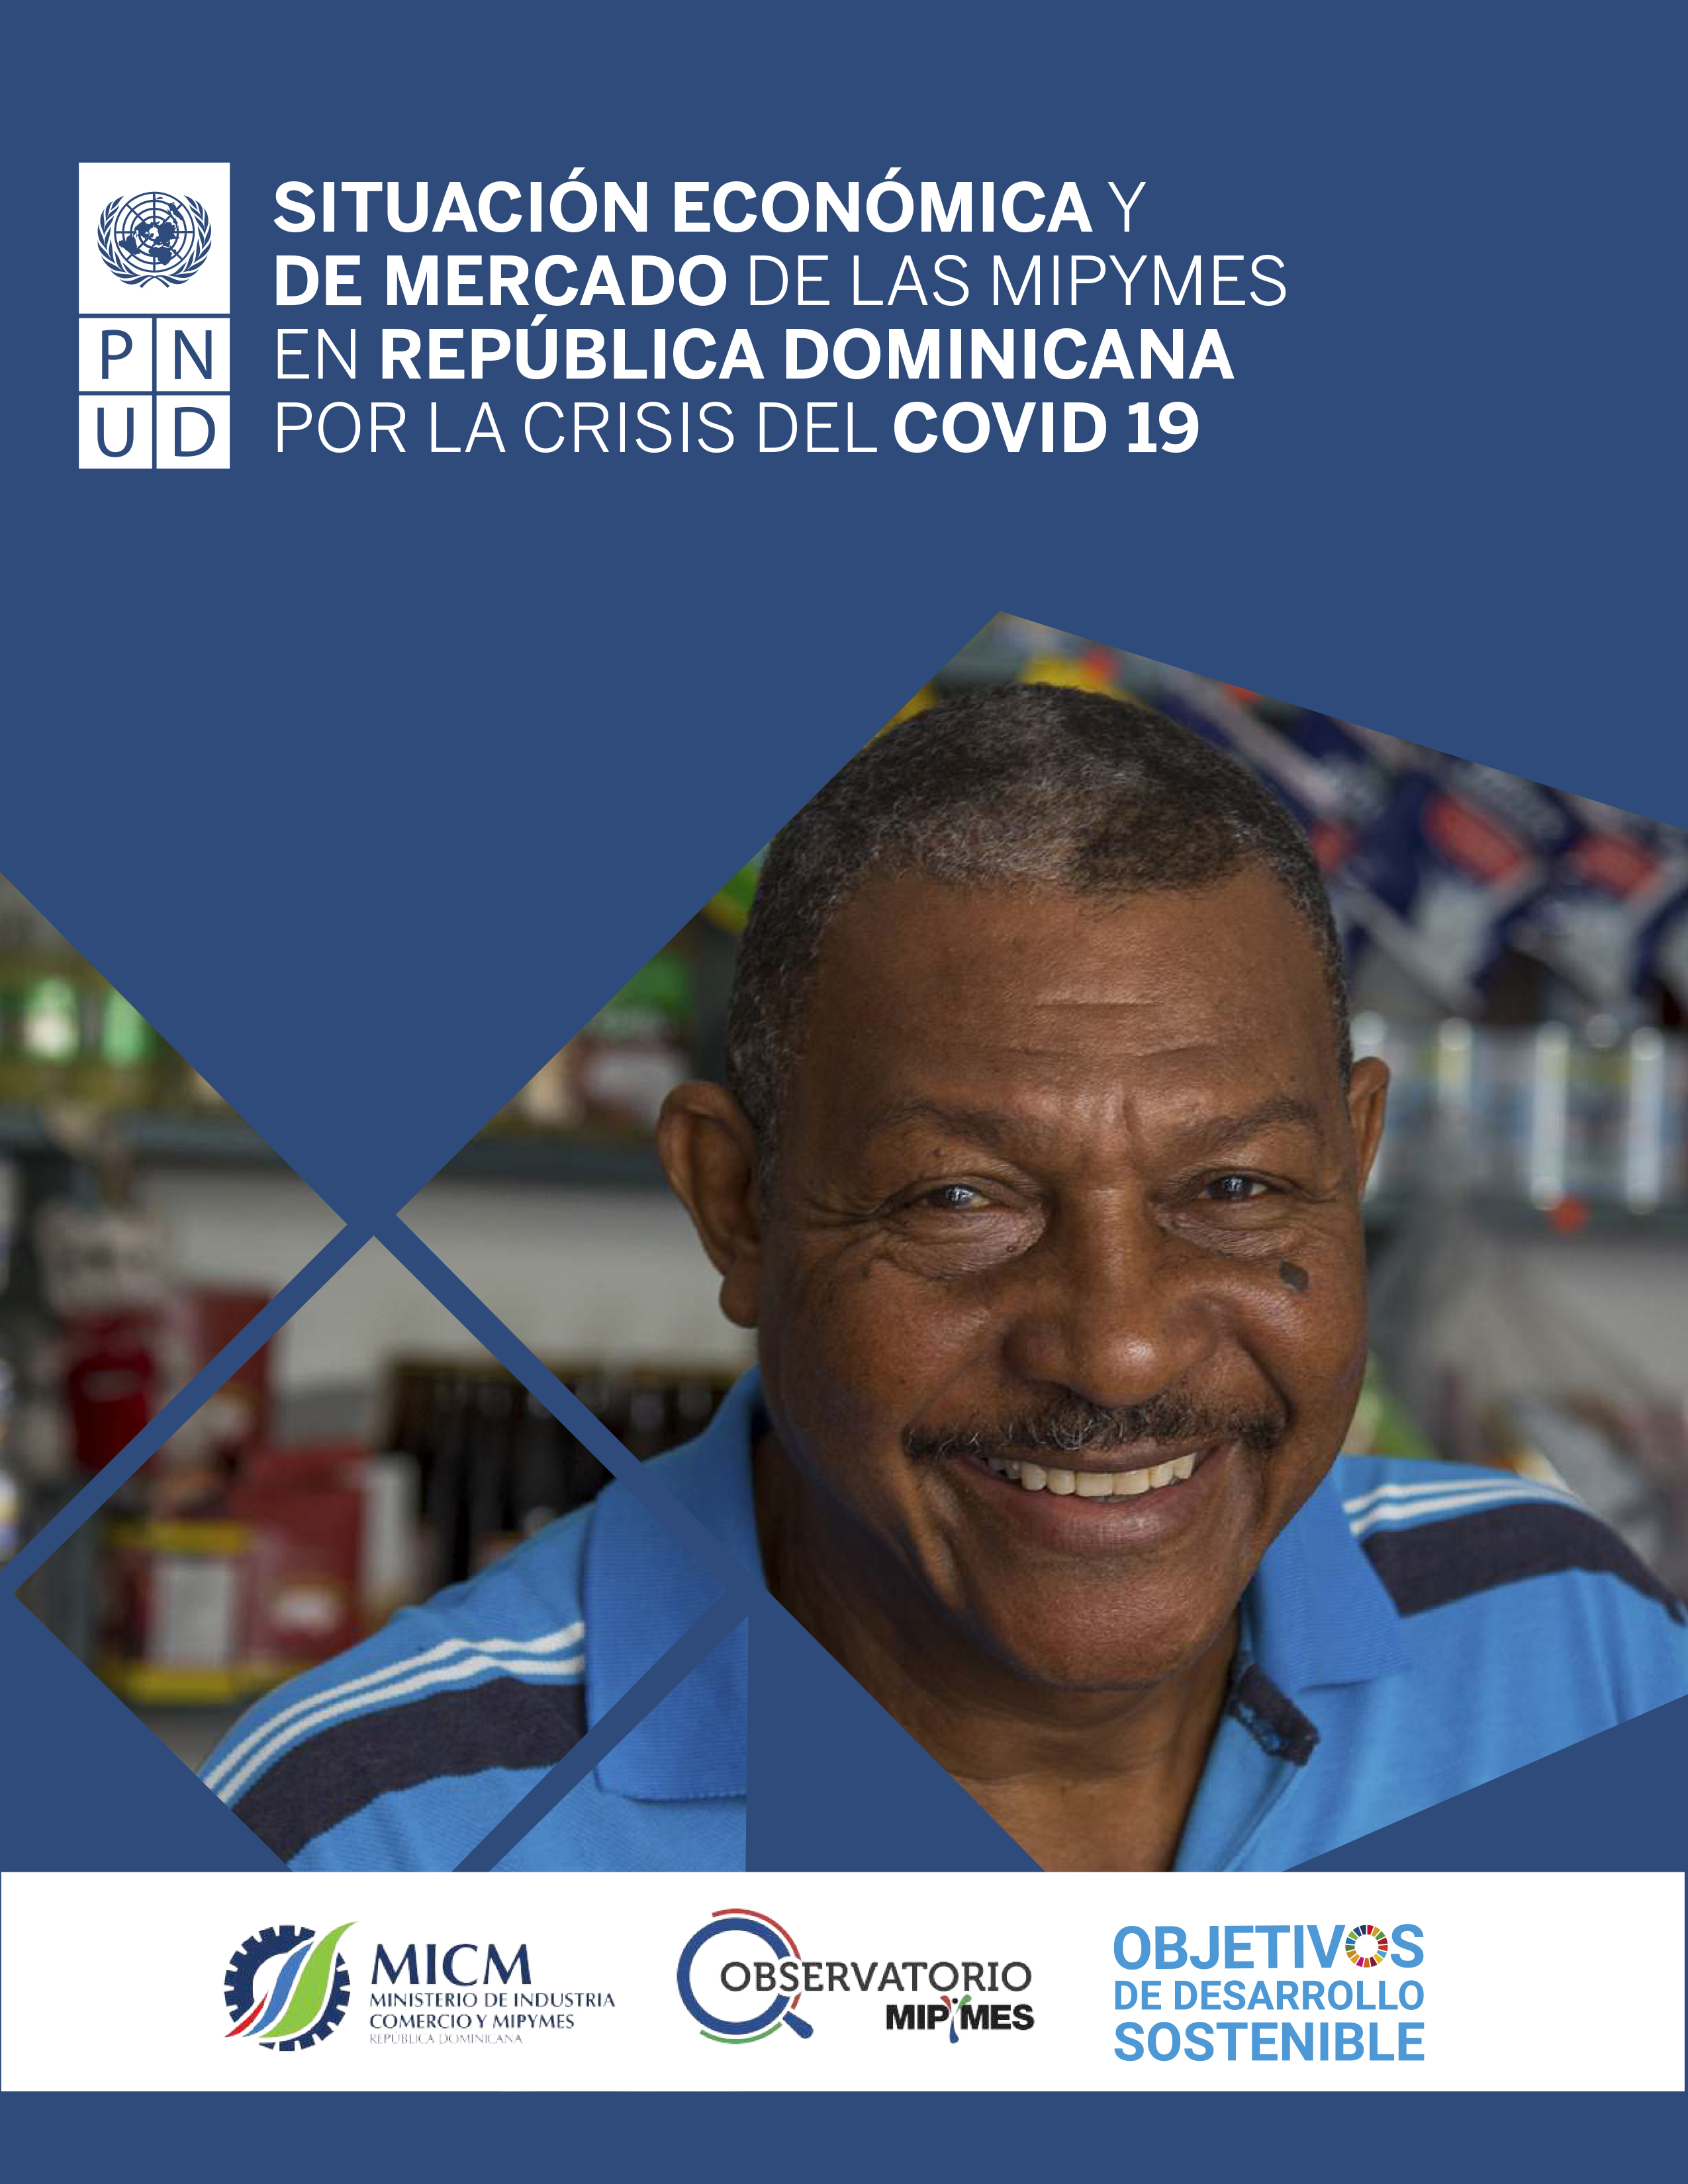 Situación económica y de mercado de las mipymes en República Dominicana por la crisis del COVID 19